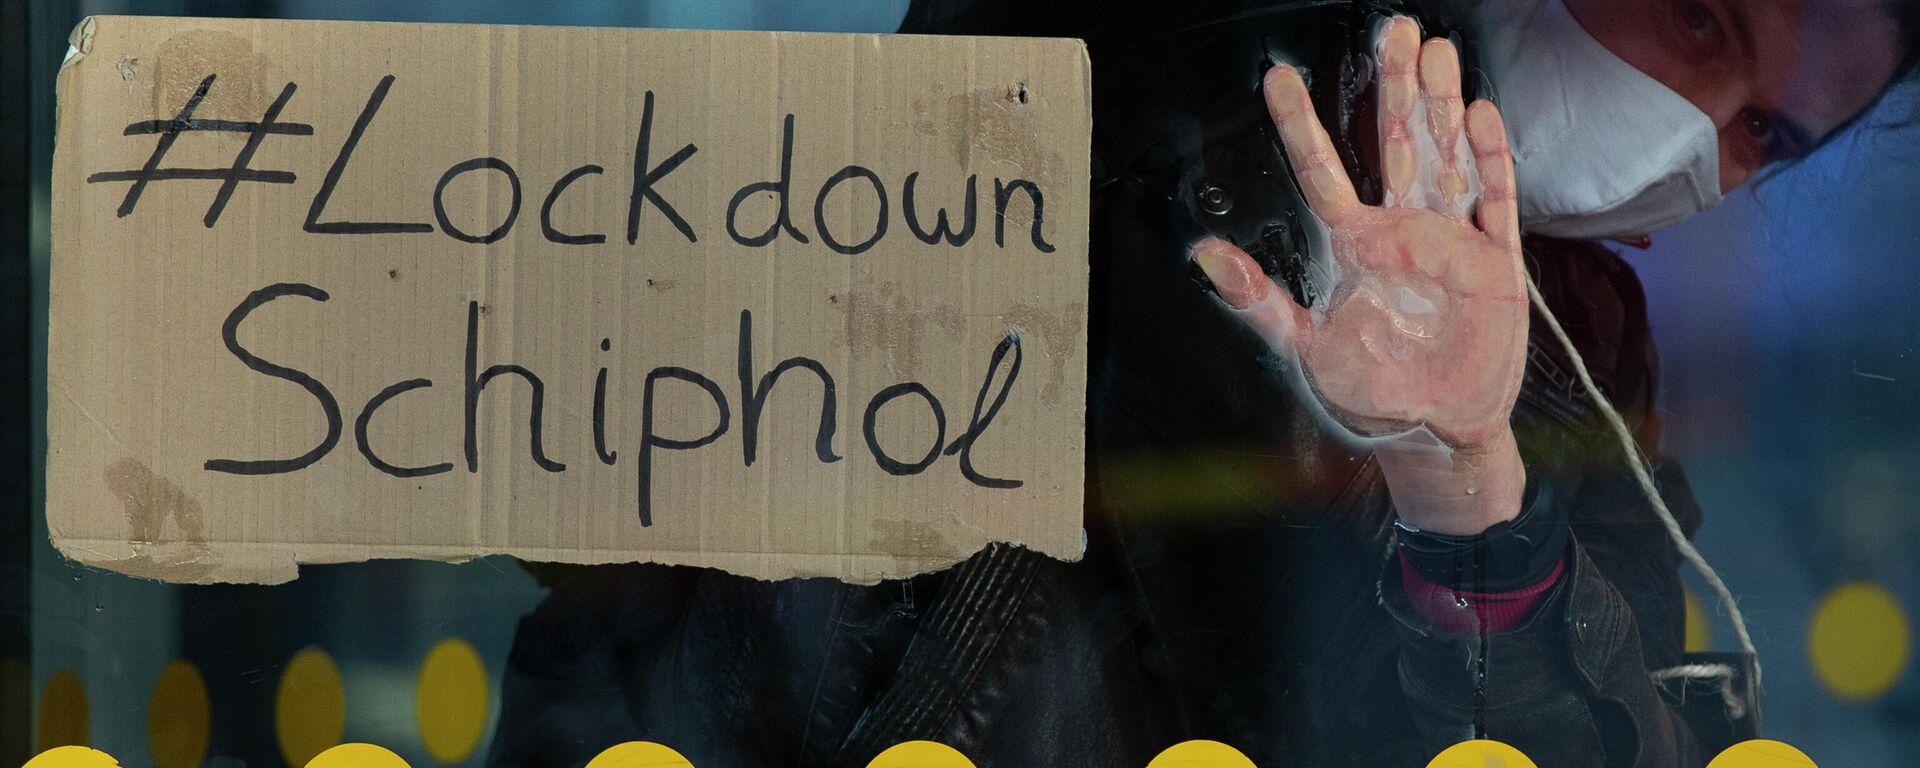 Demonstrant plädiert für Lockdown des niederländischen Flughafens Schiphol - SNA, 1920, 08.01.2021